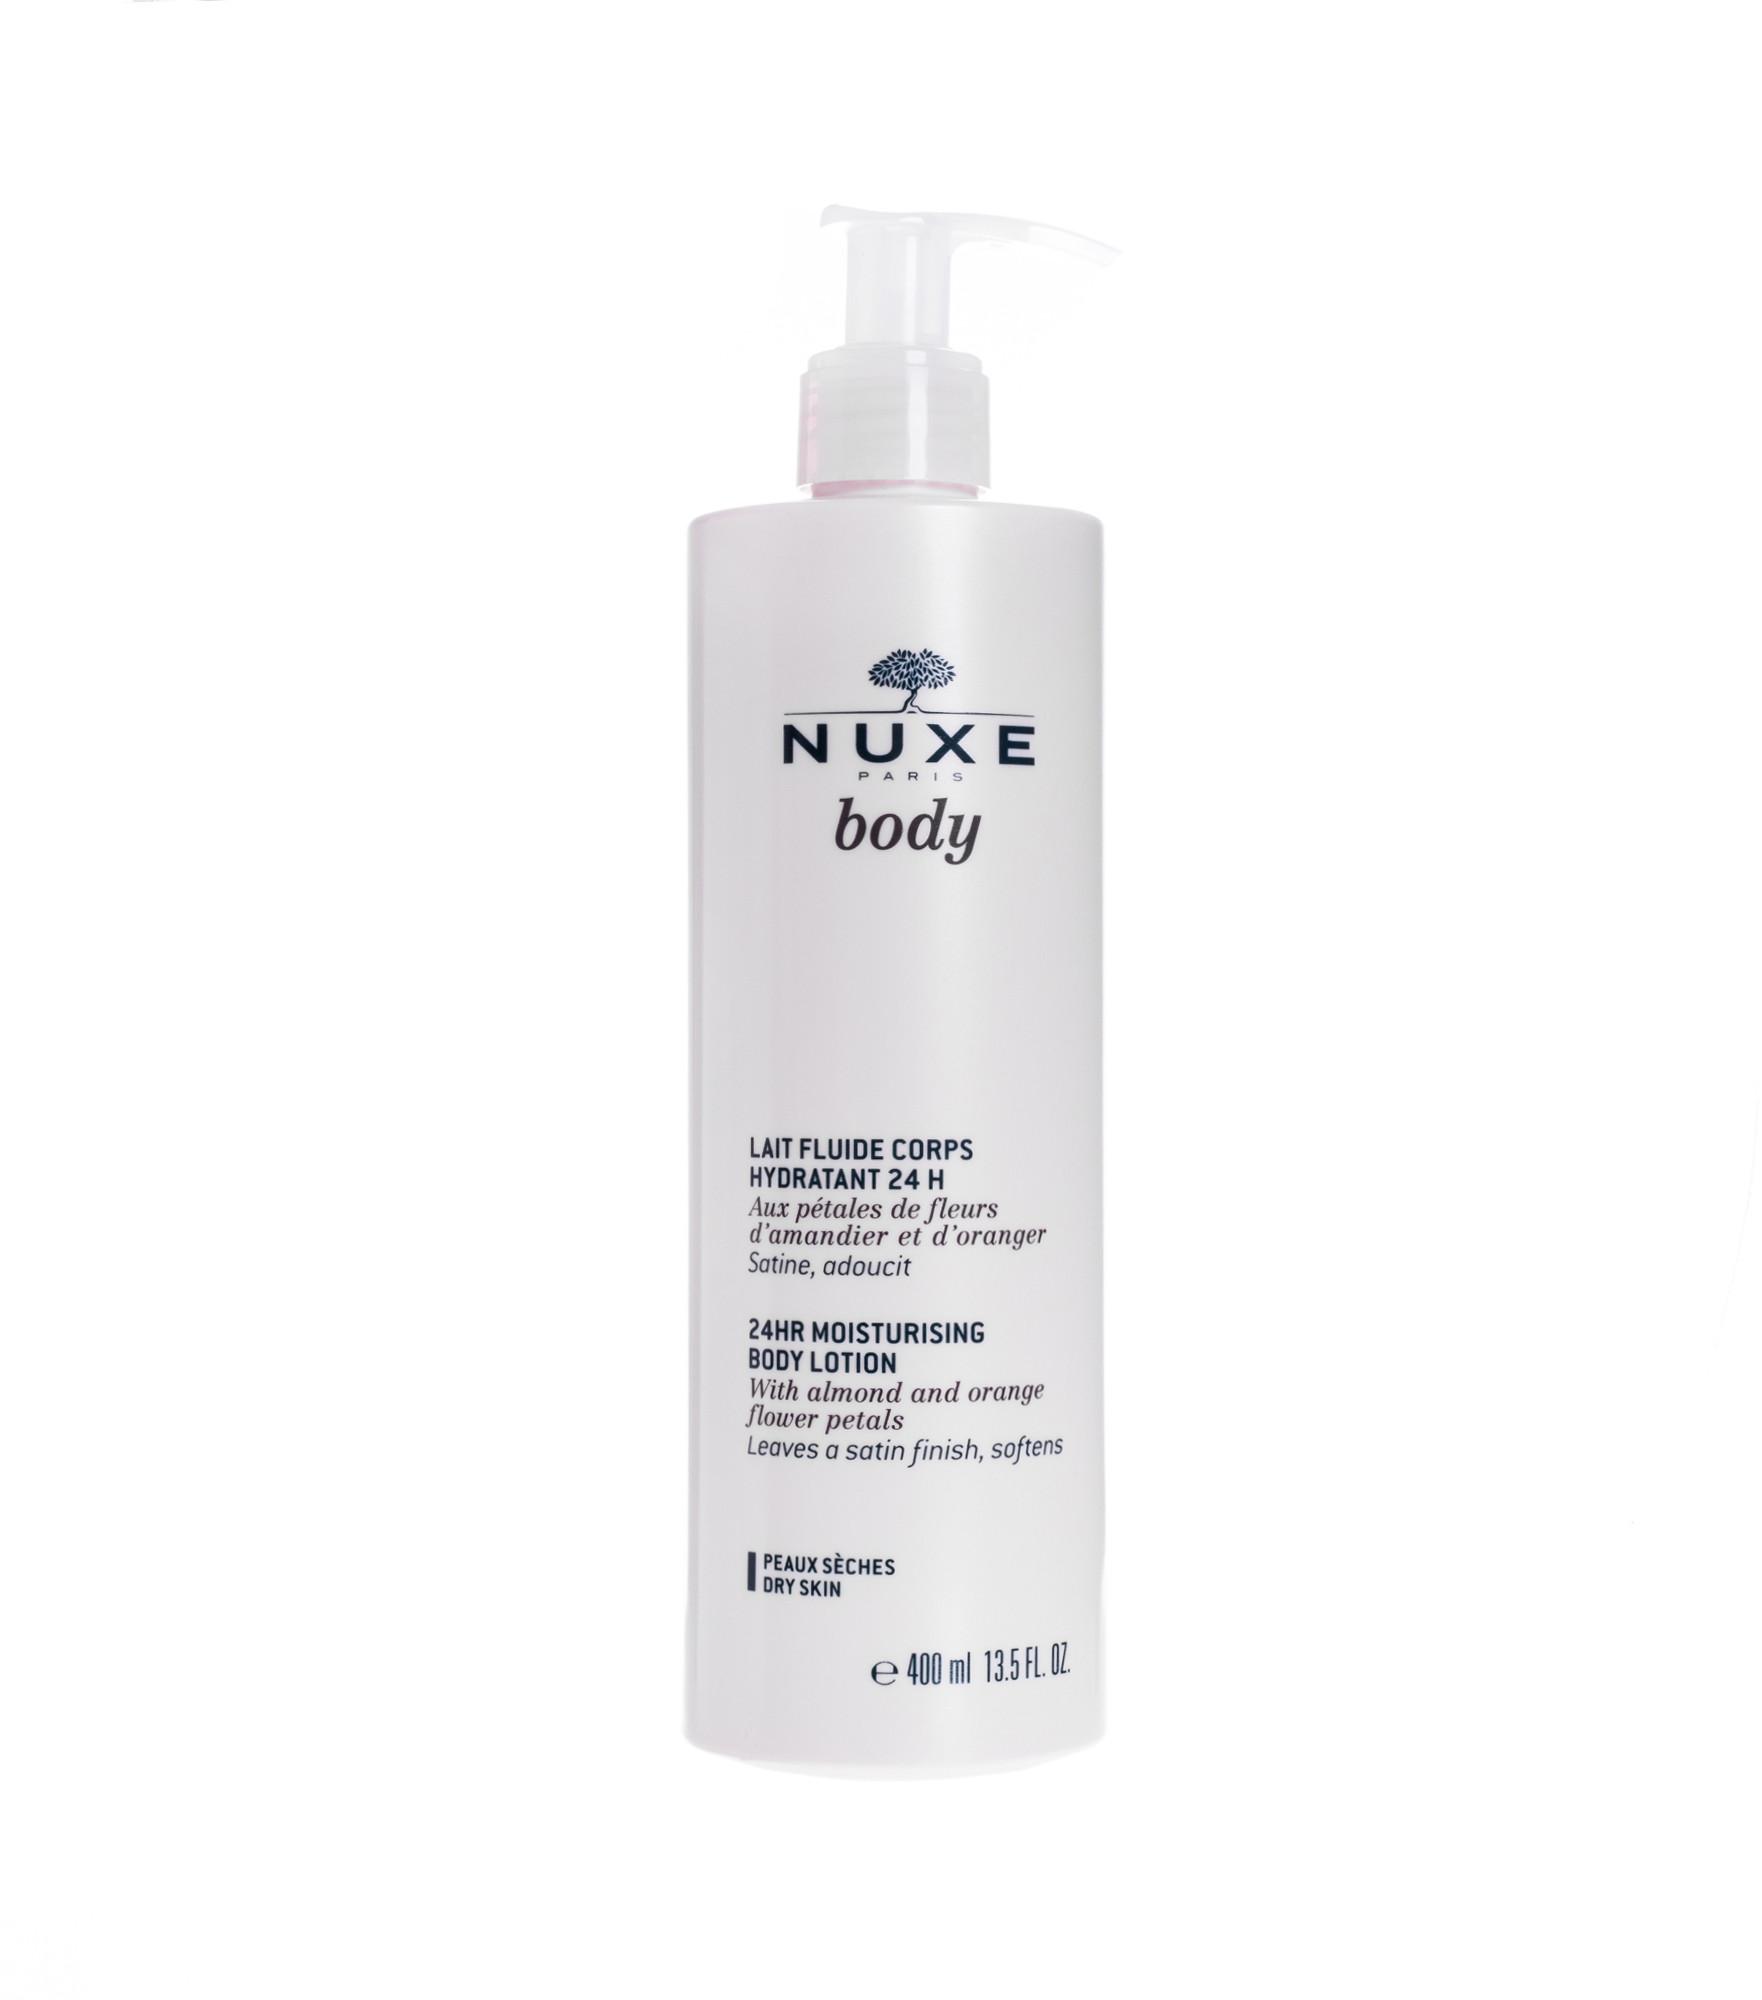 Nuxe Body 24h nawilżający balsam do ciała 400 ml